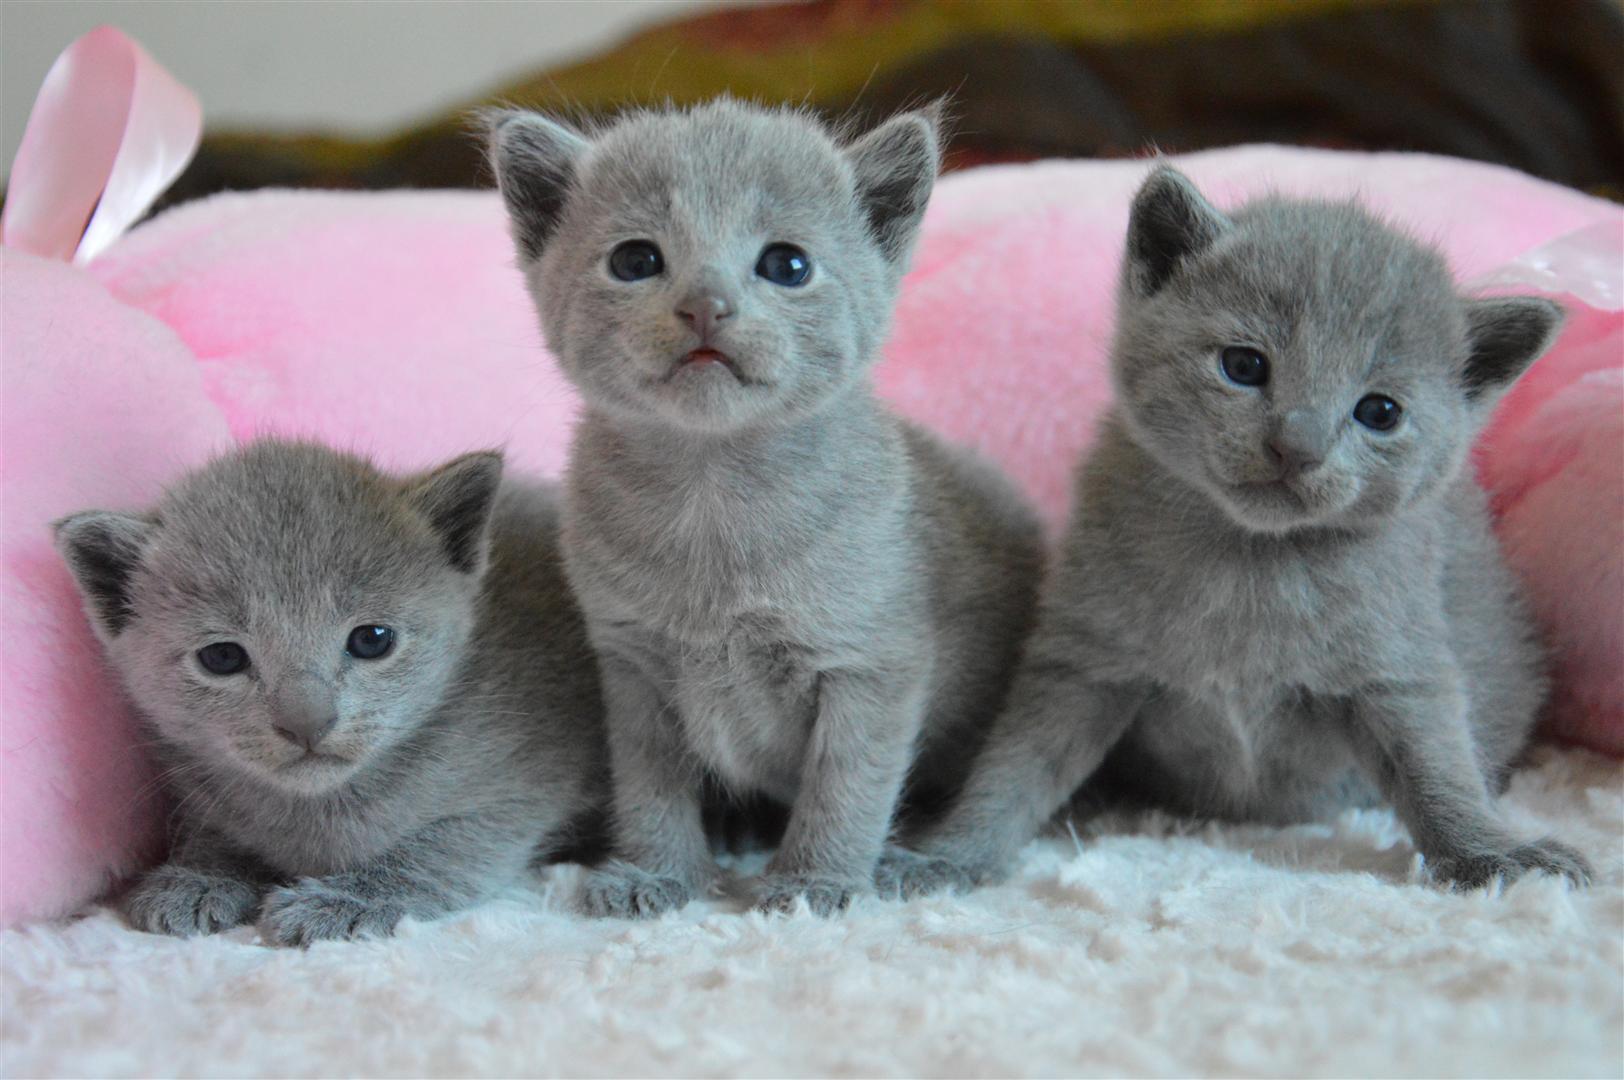 kocięta/kittens